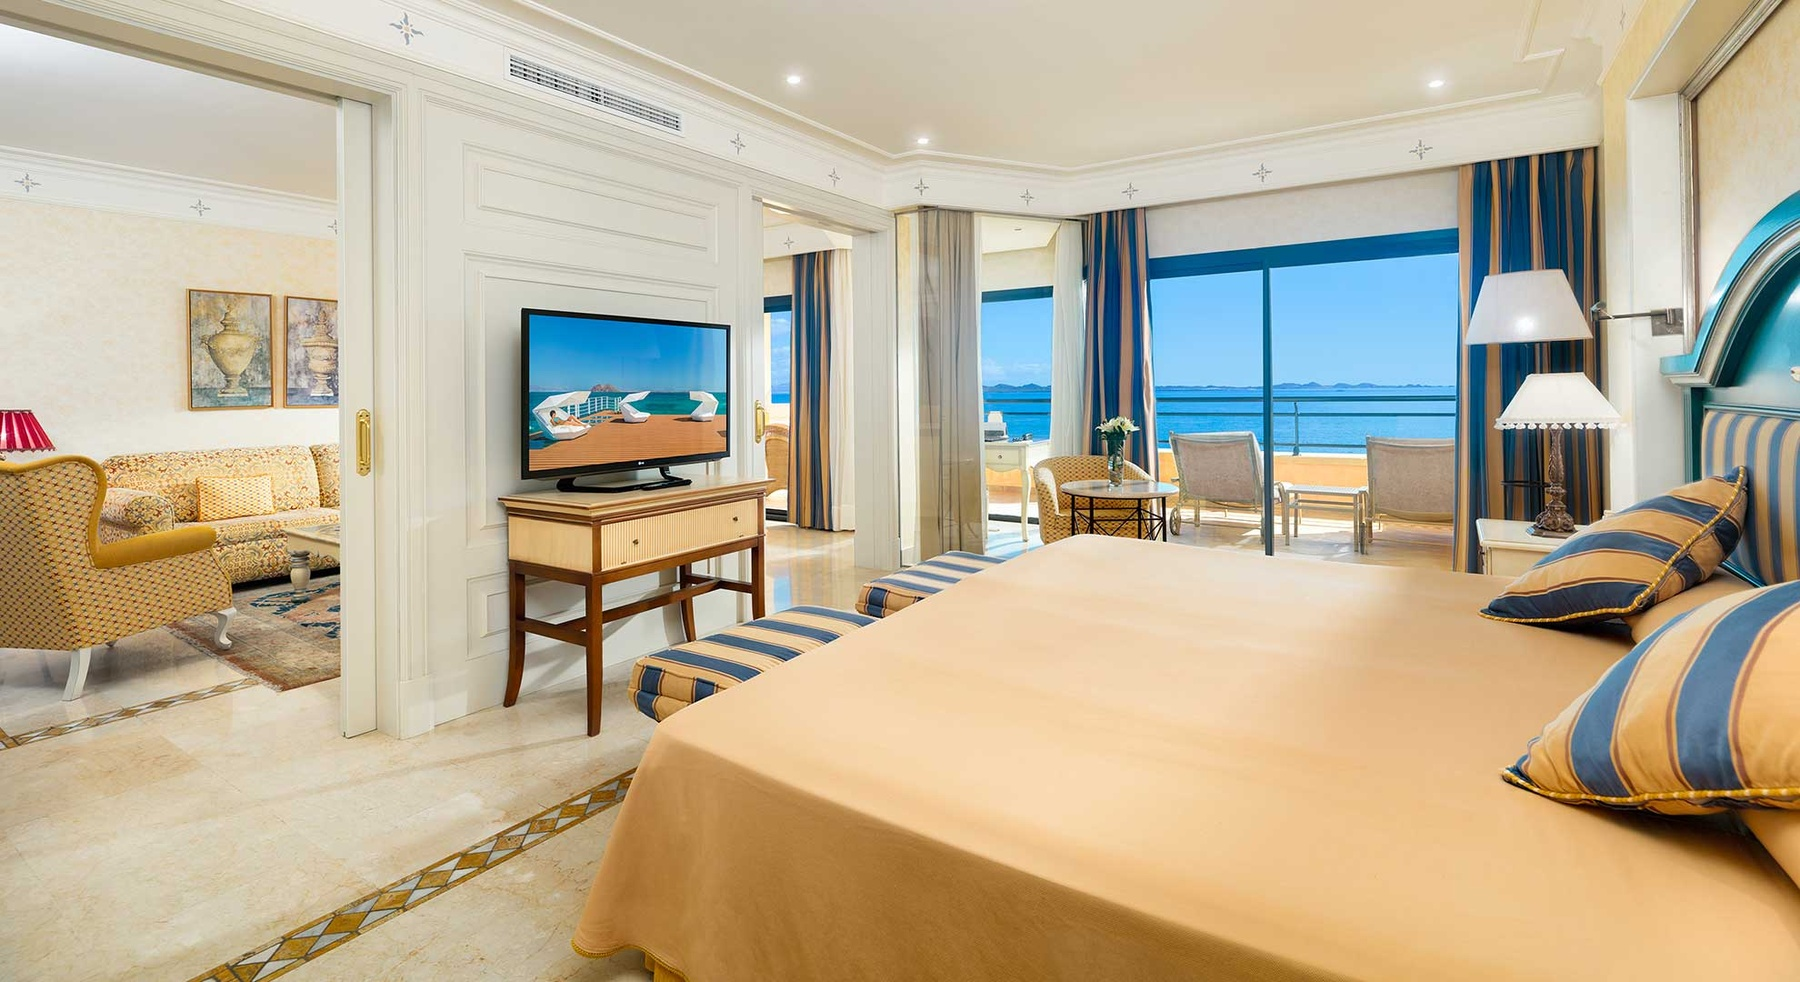 atlantic-suite-gran-hotel-atlantis